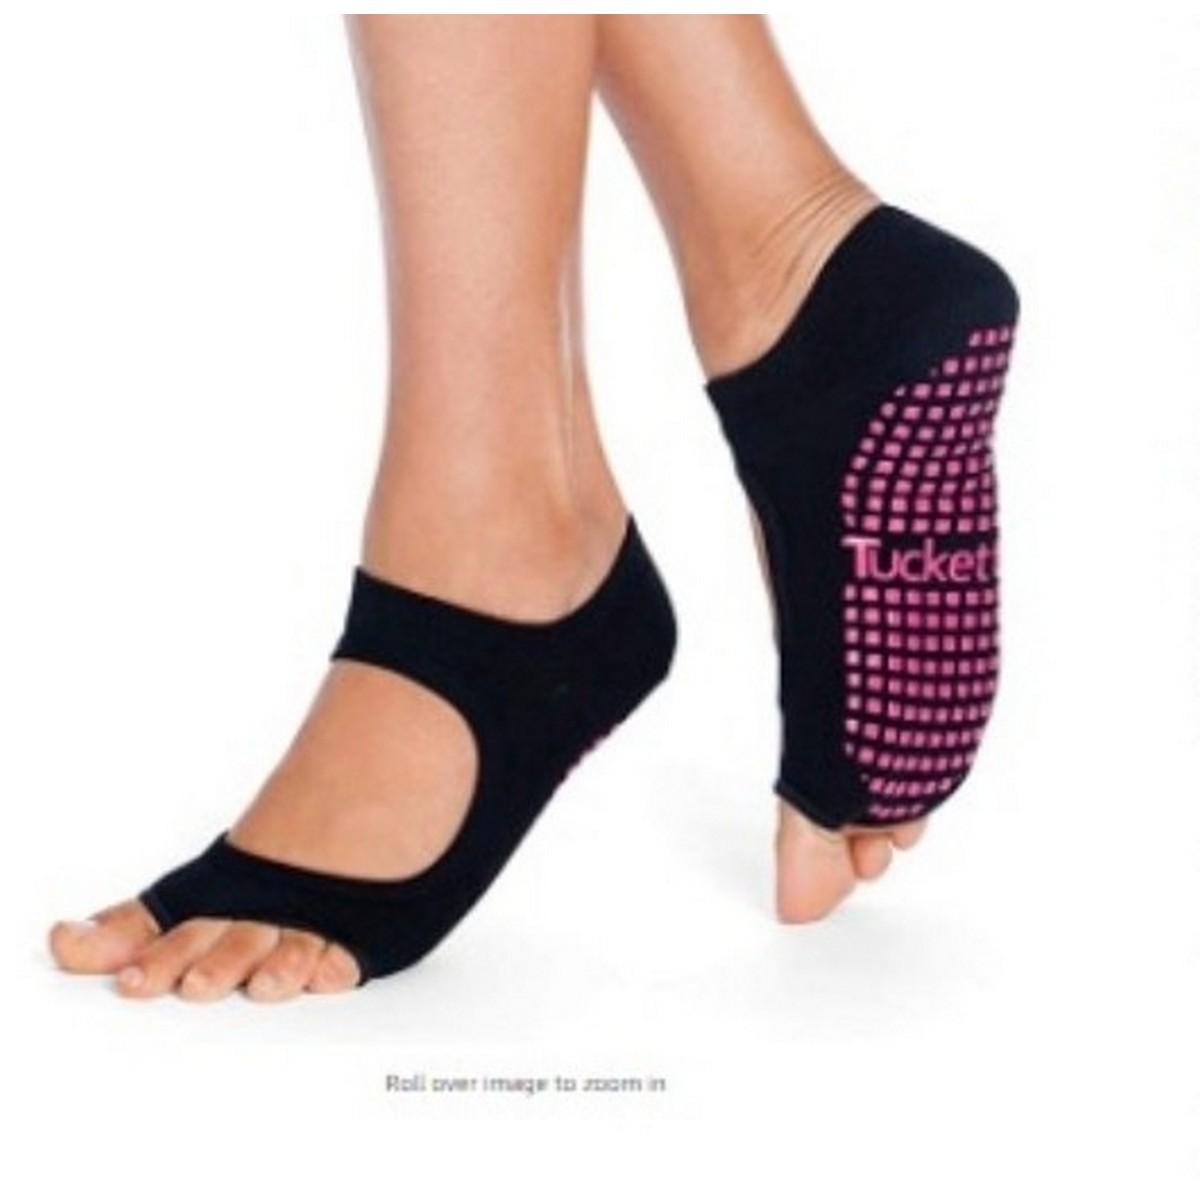 Pure yoga socks